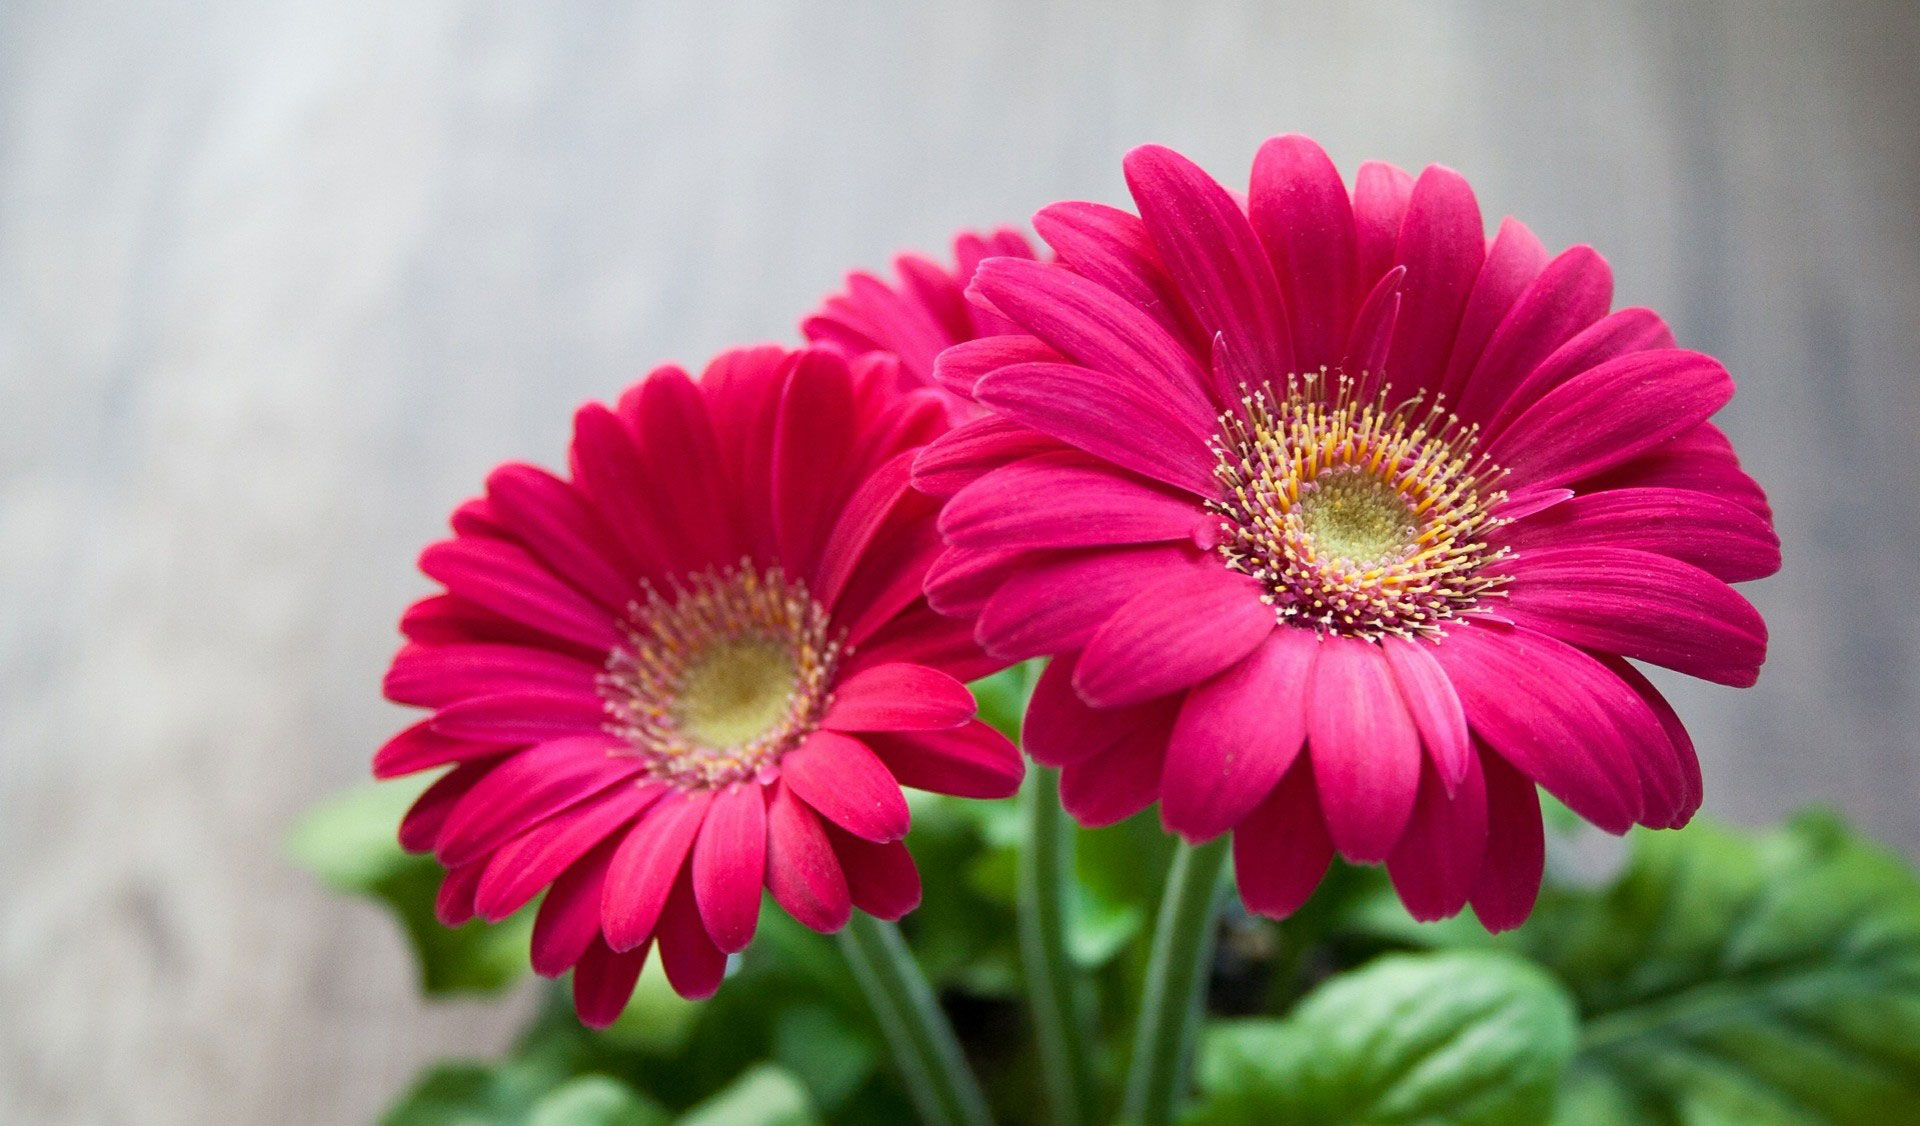 بالصور صور ورد خلفيات , فنون اختيار الخلفيات الطبيعيه و الورود 636 9